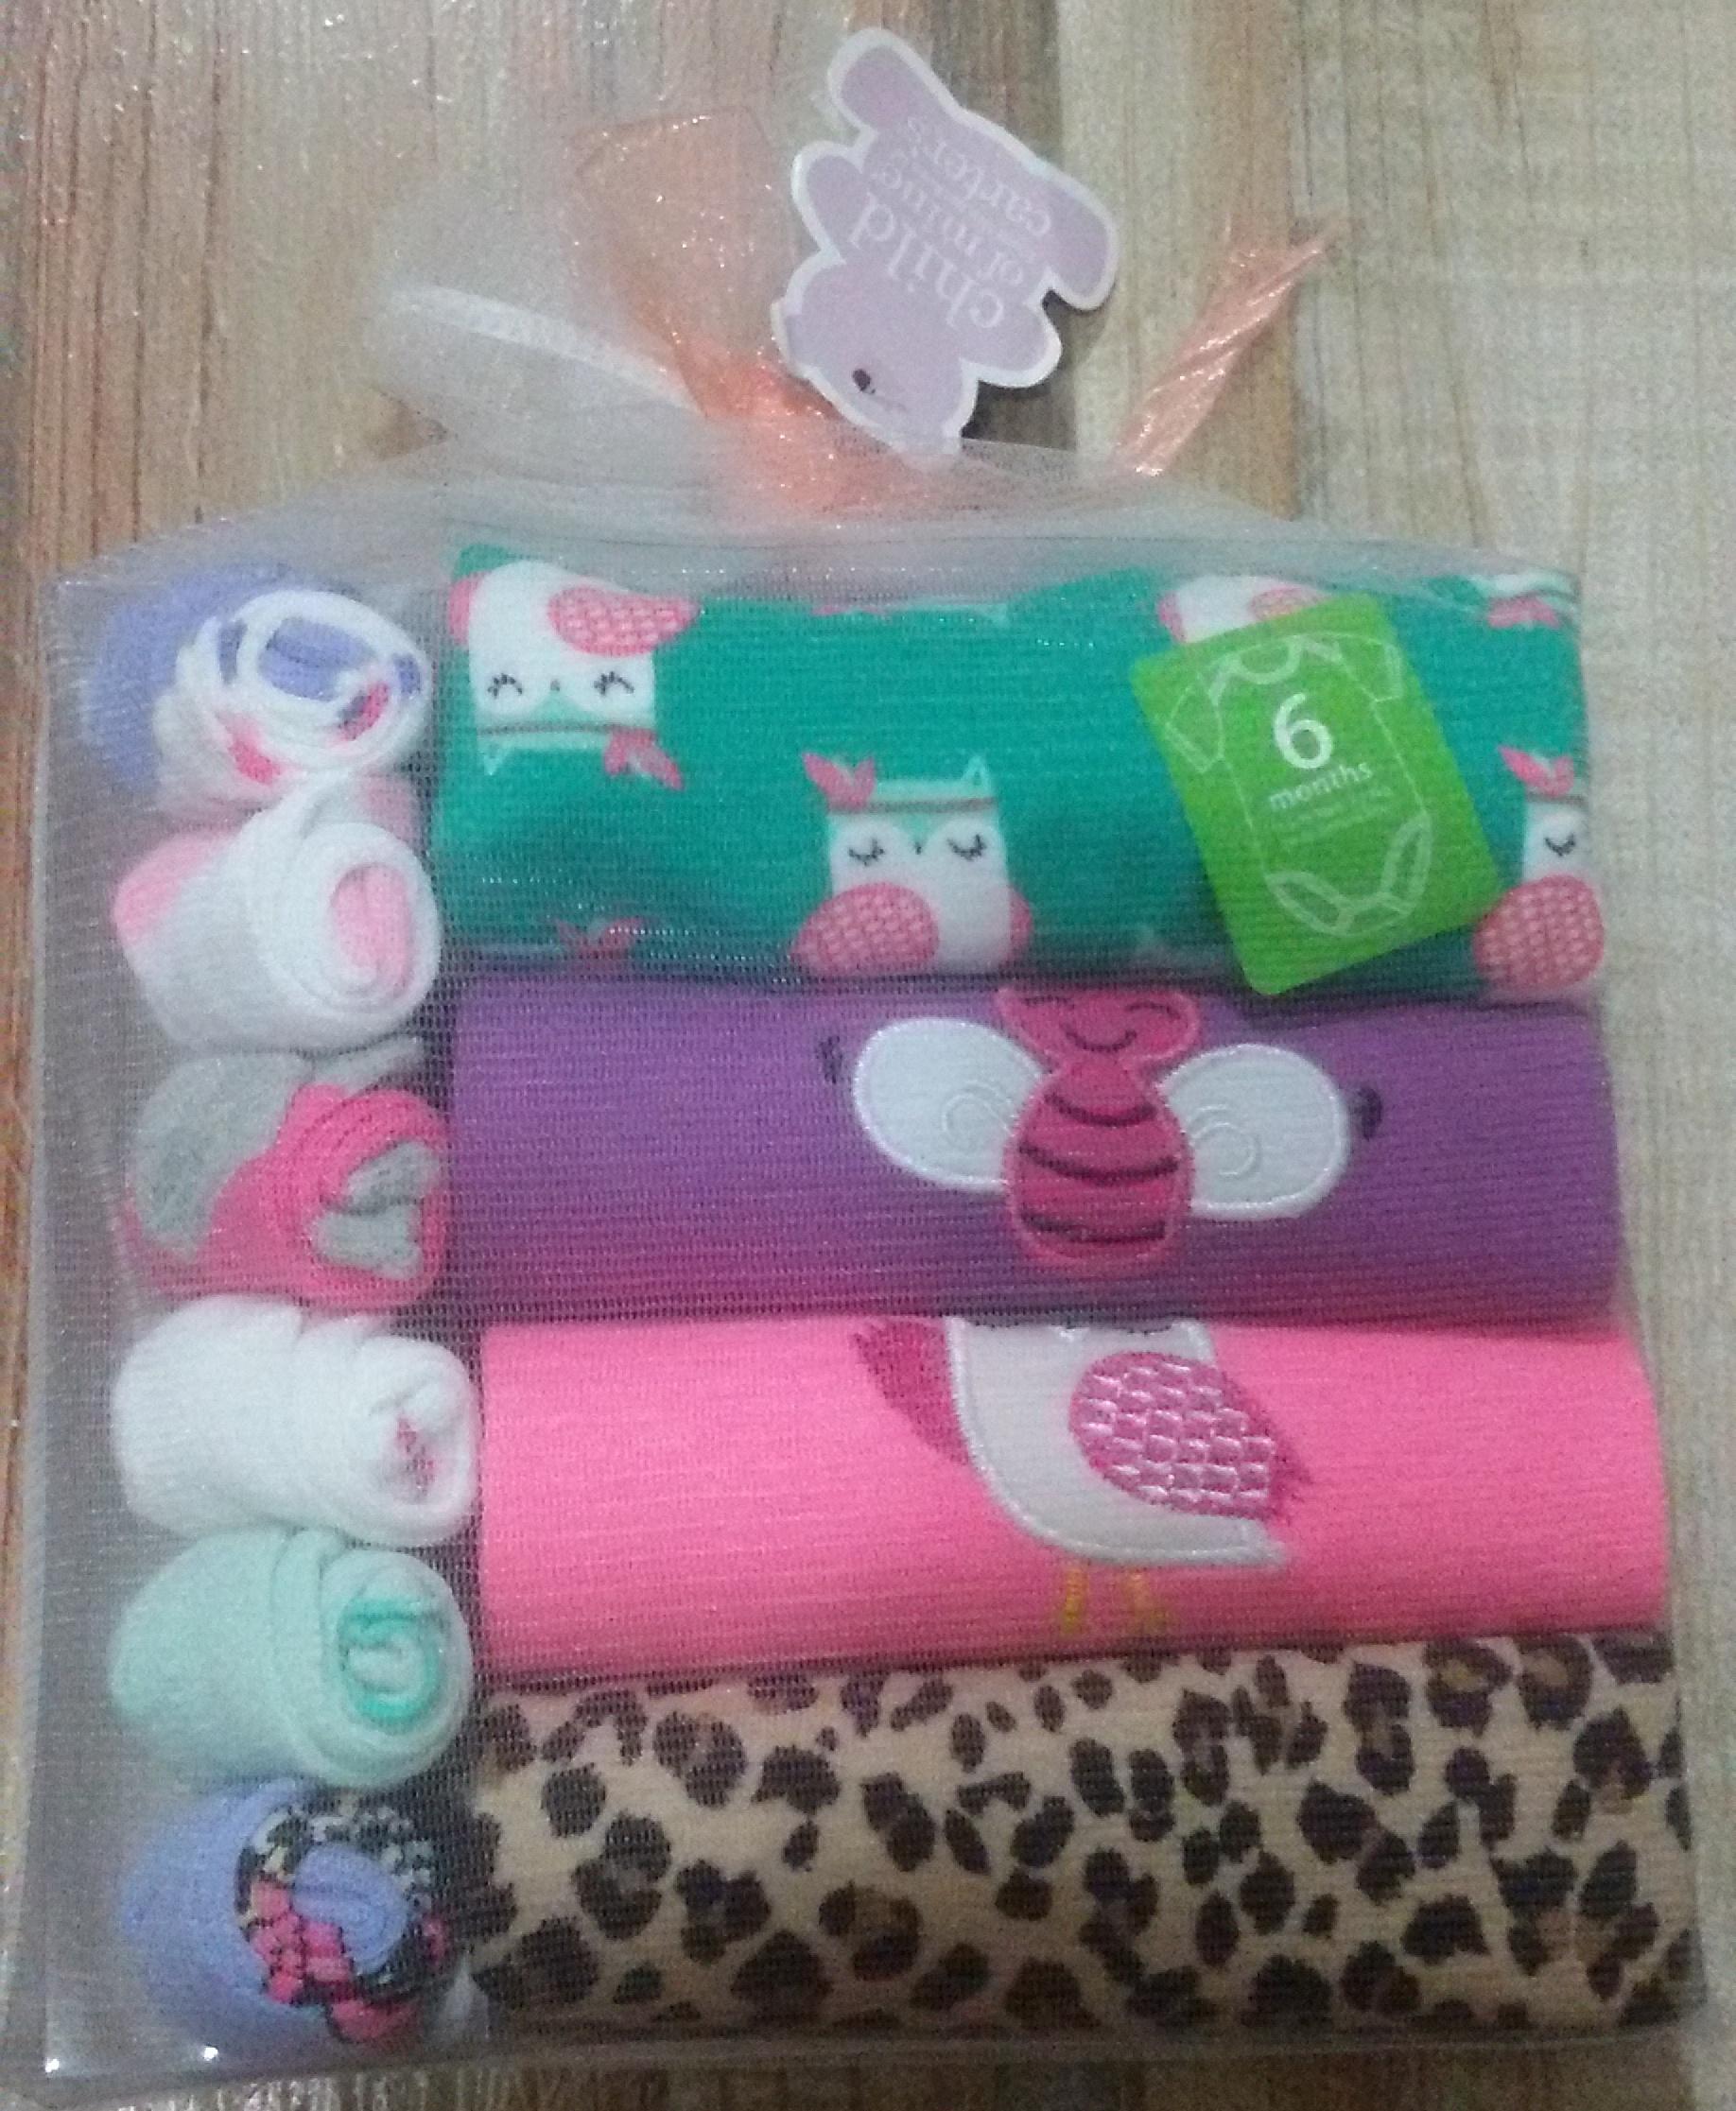 harga carter jumper gift set + kaos kaki Tokopedia.com